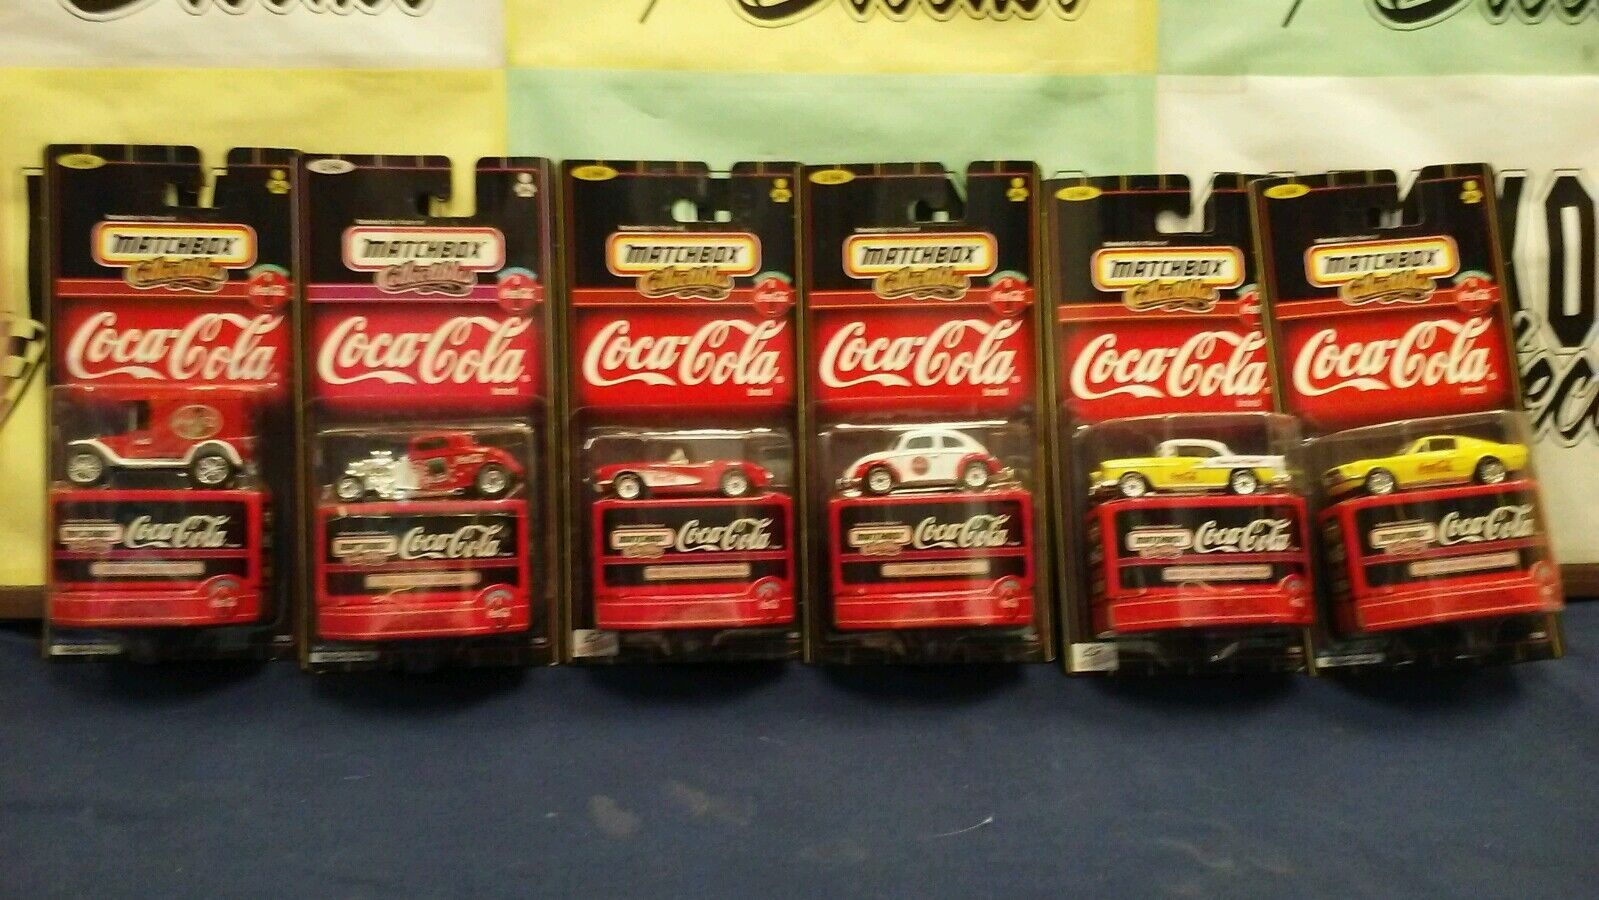 COCA-COLA MATCHBOX Premiere Collector 6 Club véhicules ensemble complet échelle  1 64  prix bas tous les jours